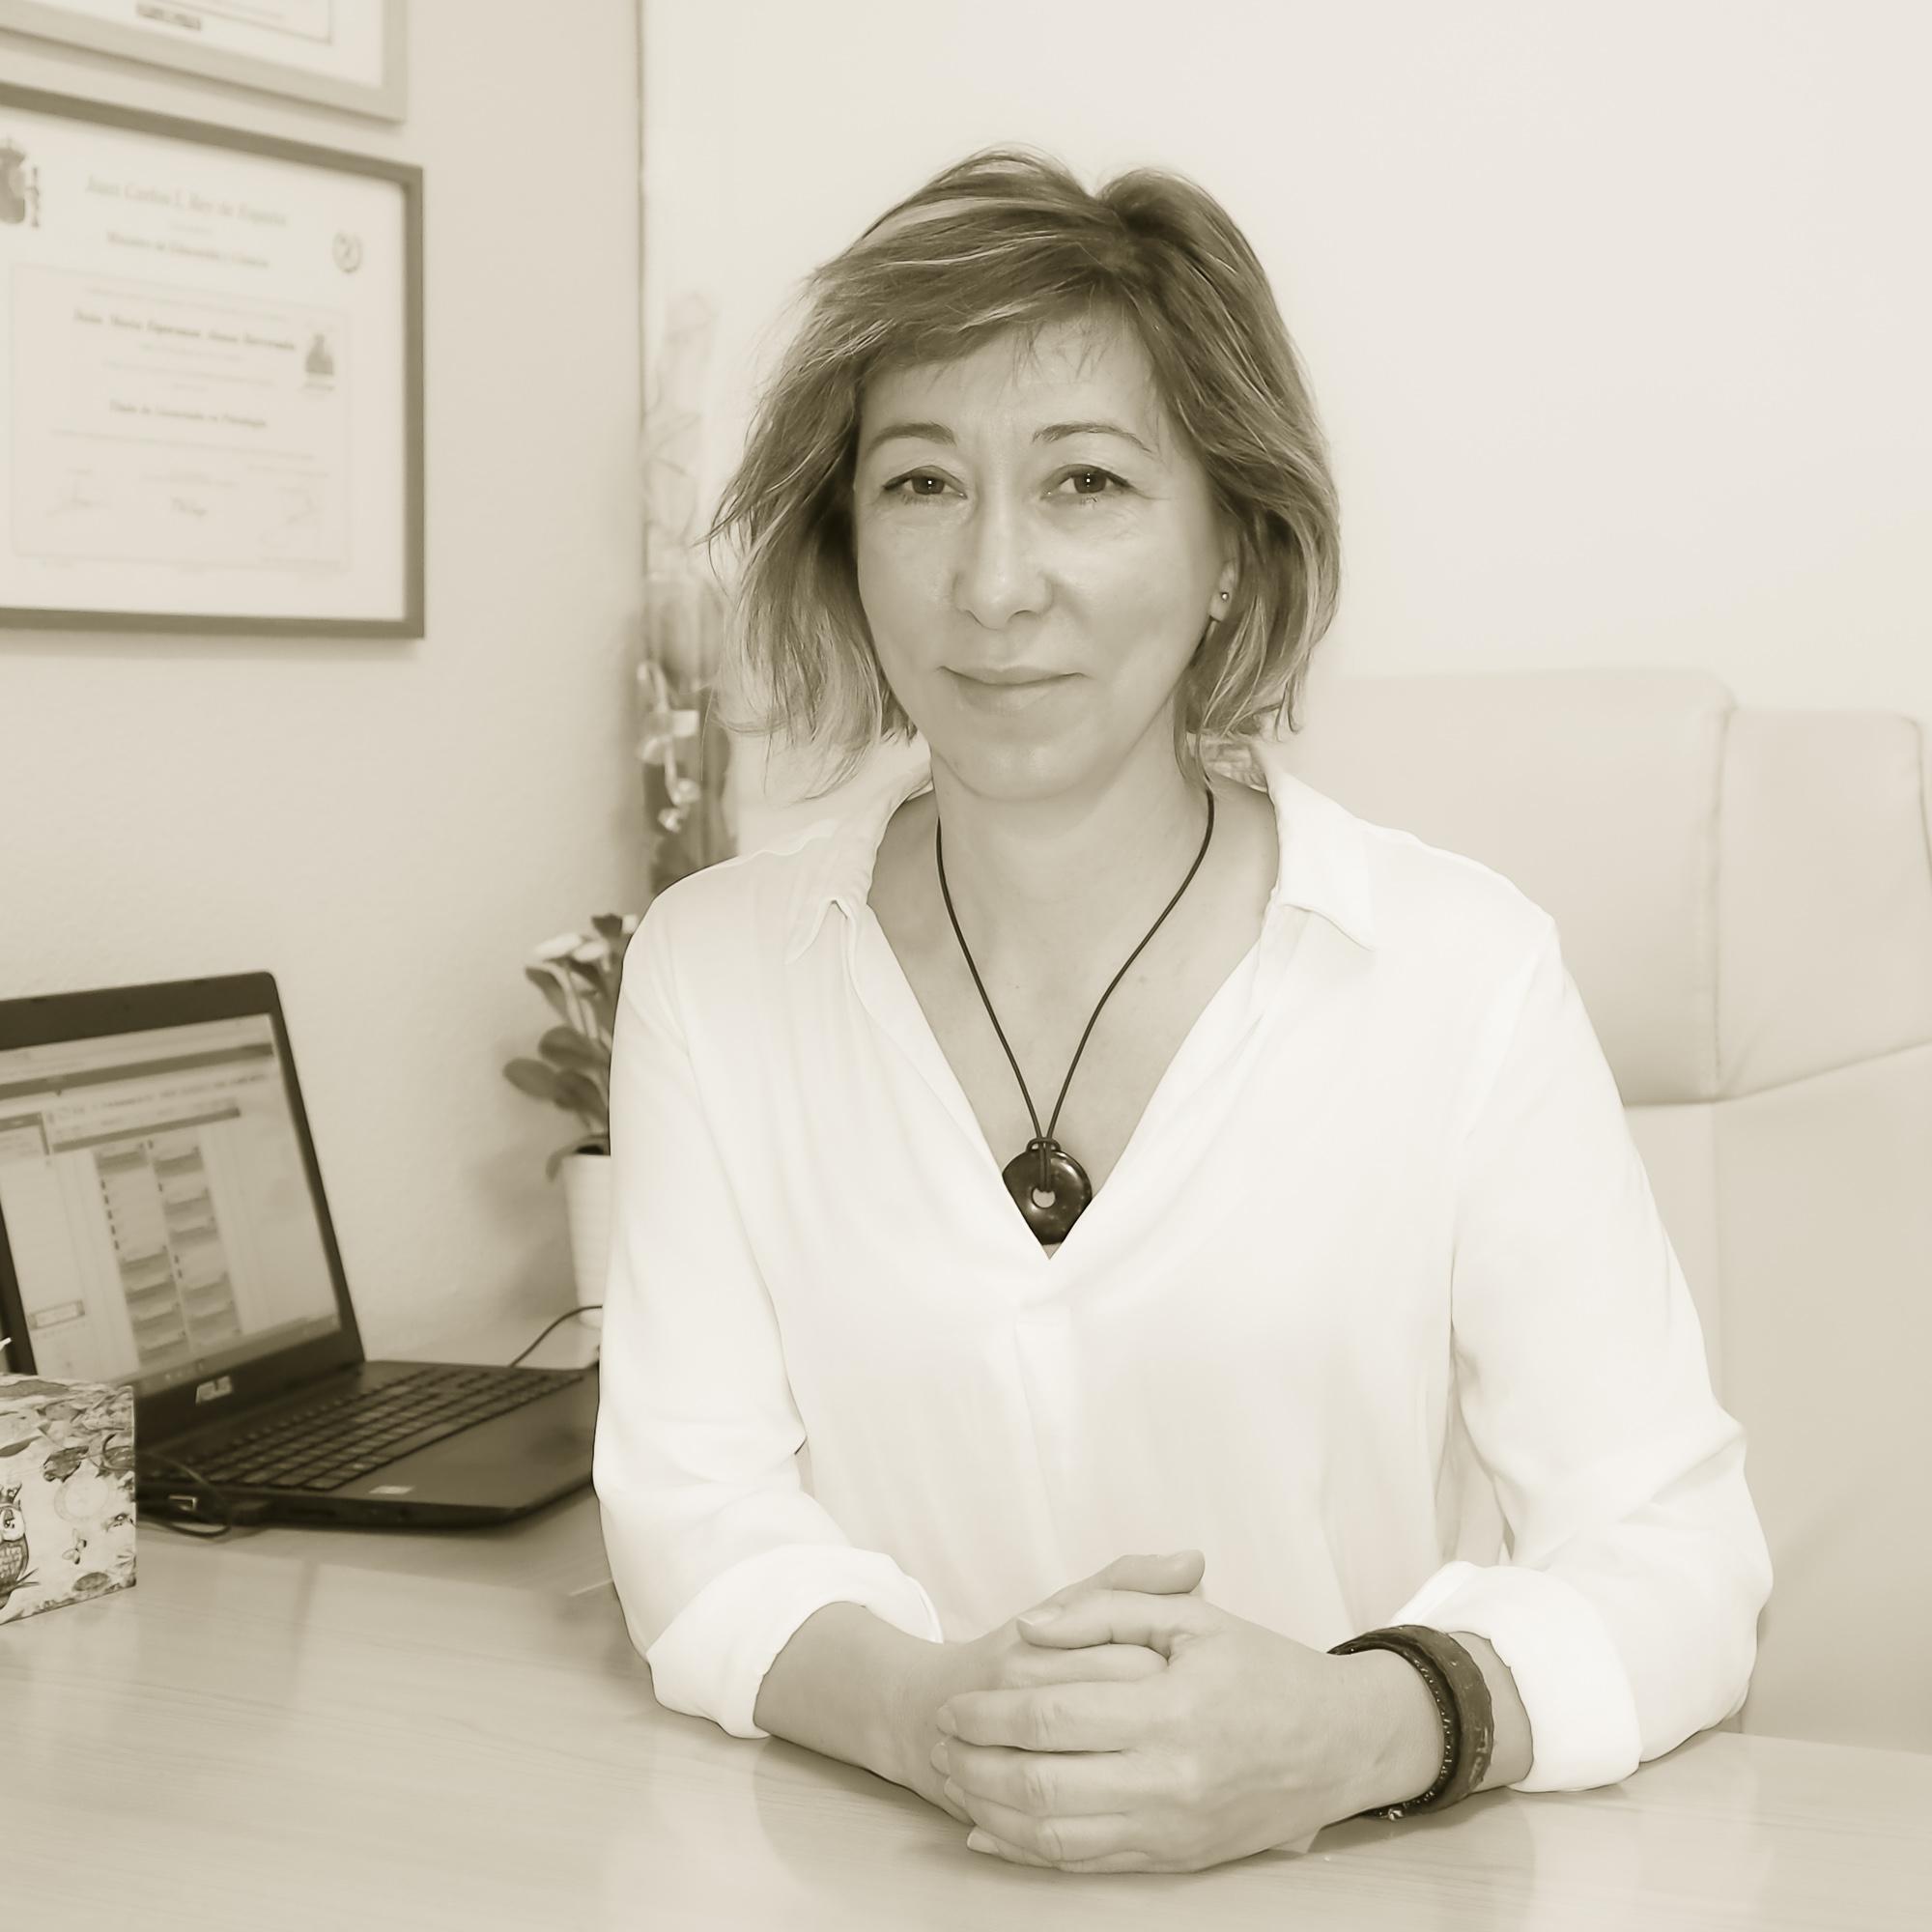 Consulta Psicológica Leganés - Psicólogo Leganés - Terapia Psicológica Leganés